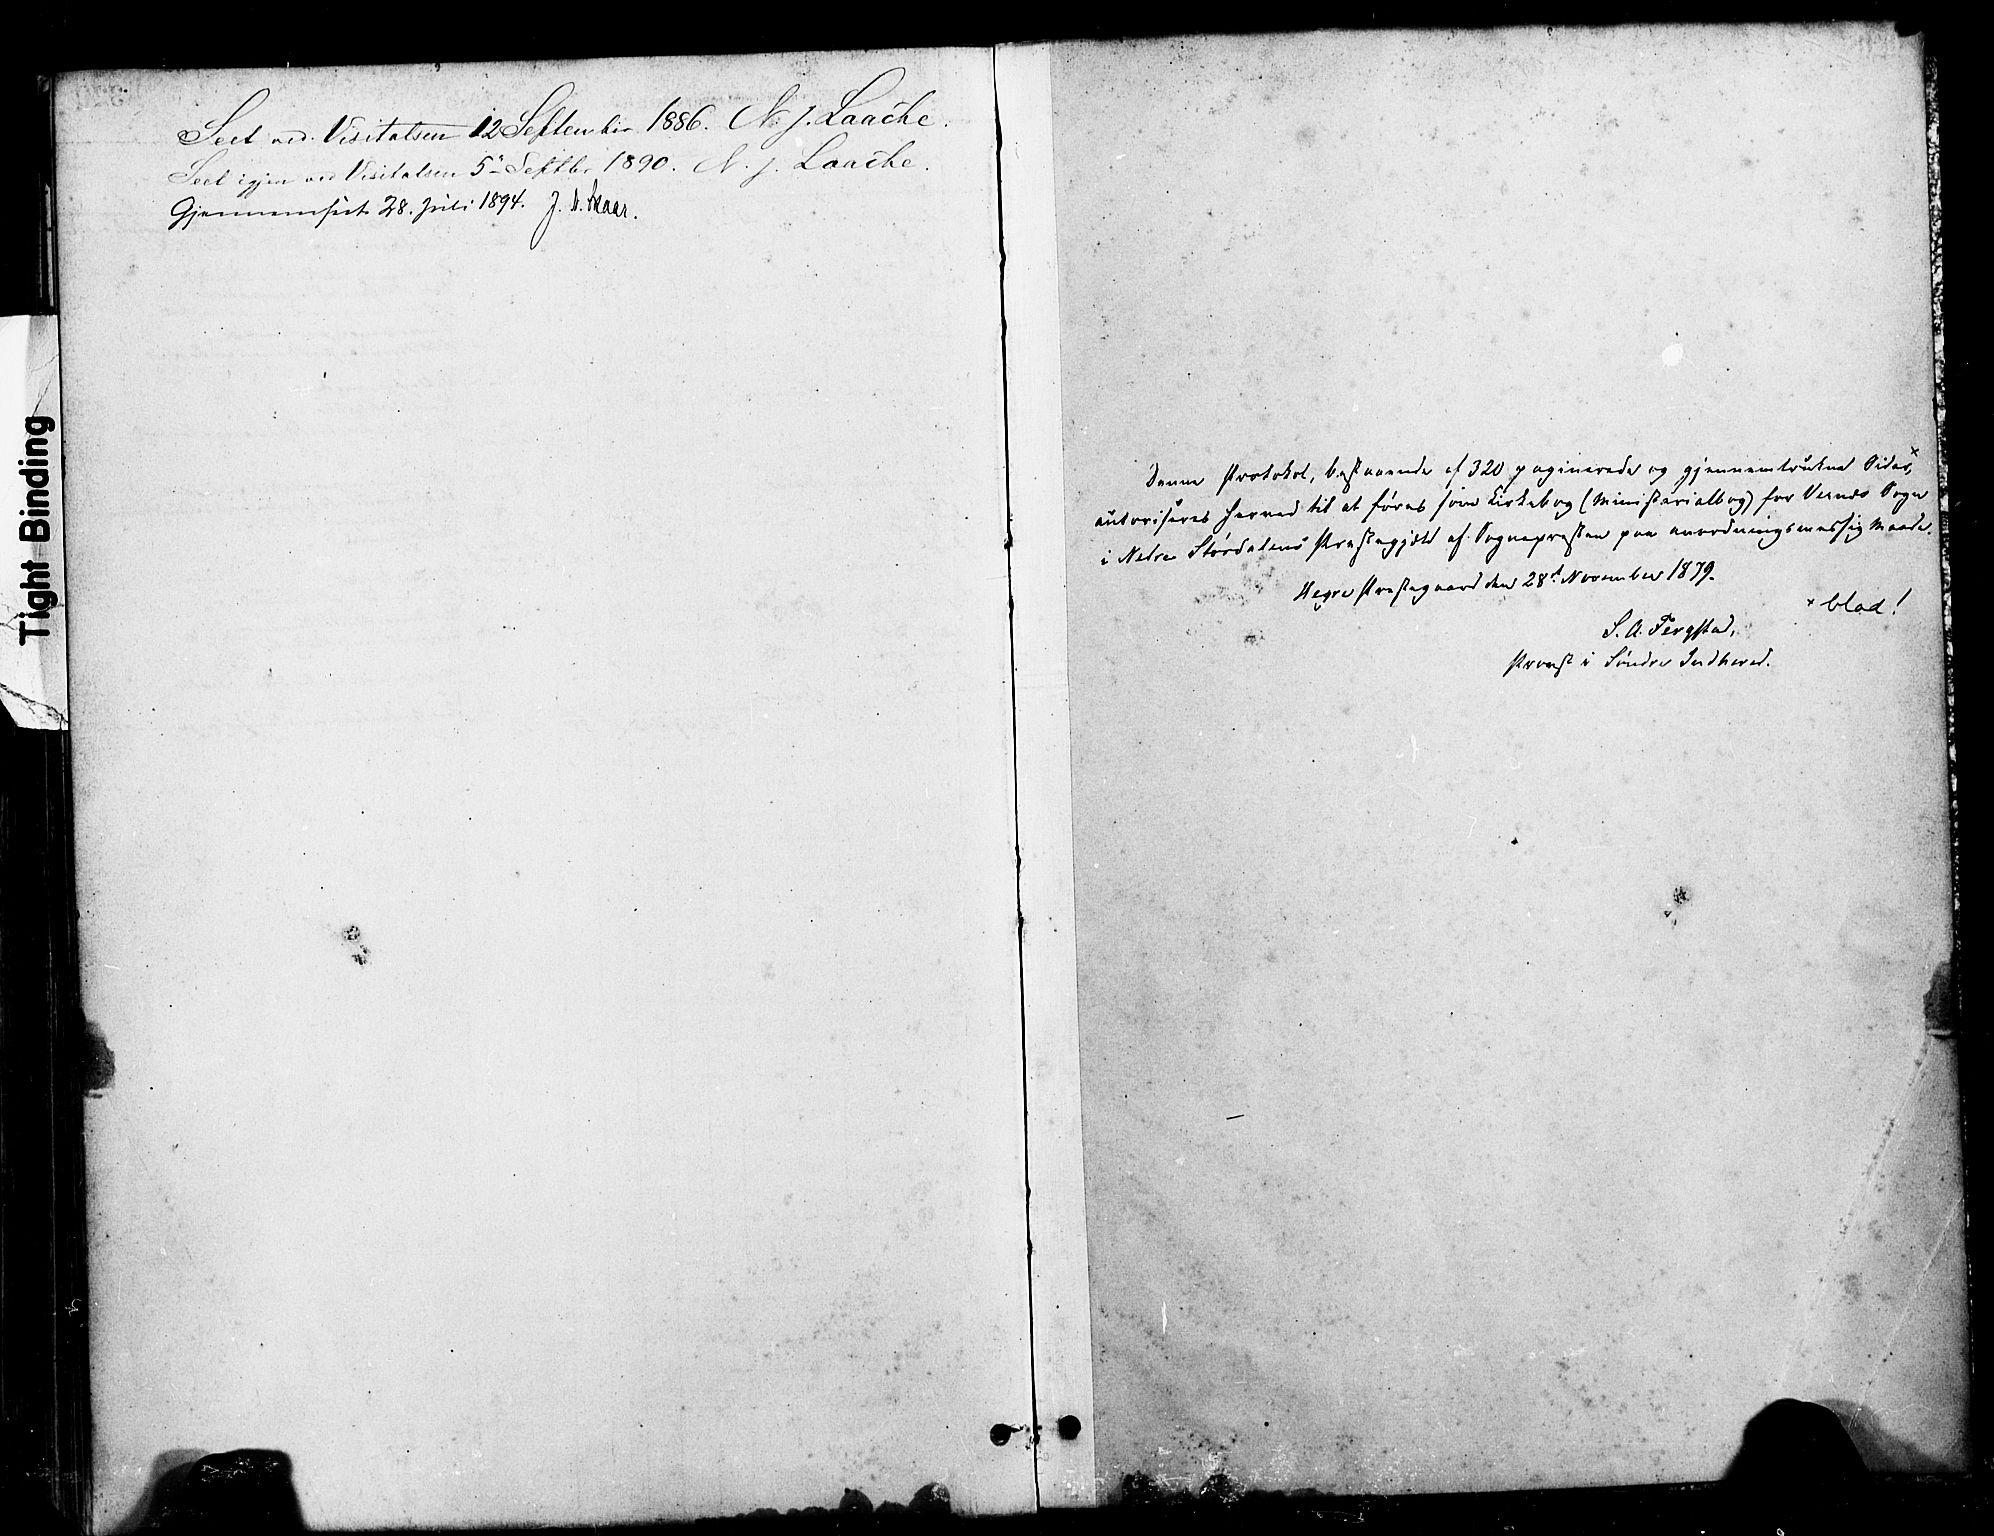 SAT, Ministerialprotokoller, klokkerbøker og fødselsregistre - Nord-Trøndelag, 709/L0077: Ministerialbok nr. 709A17, 1880-1895